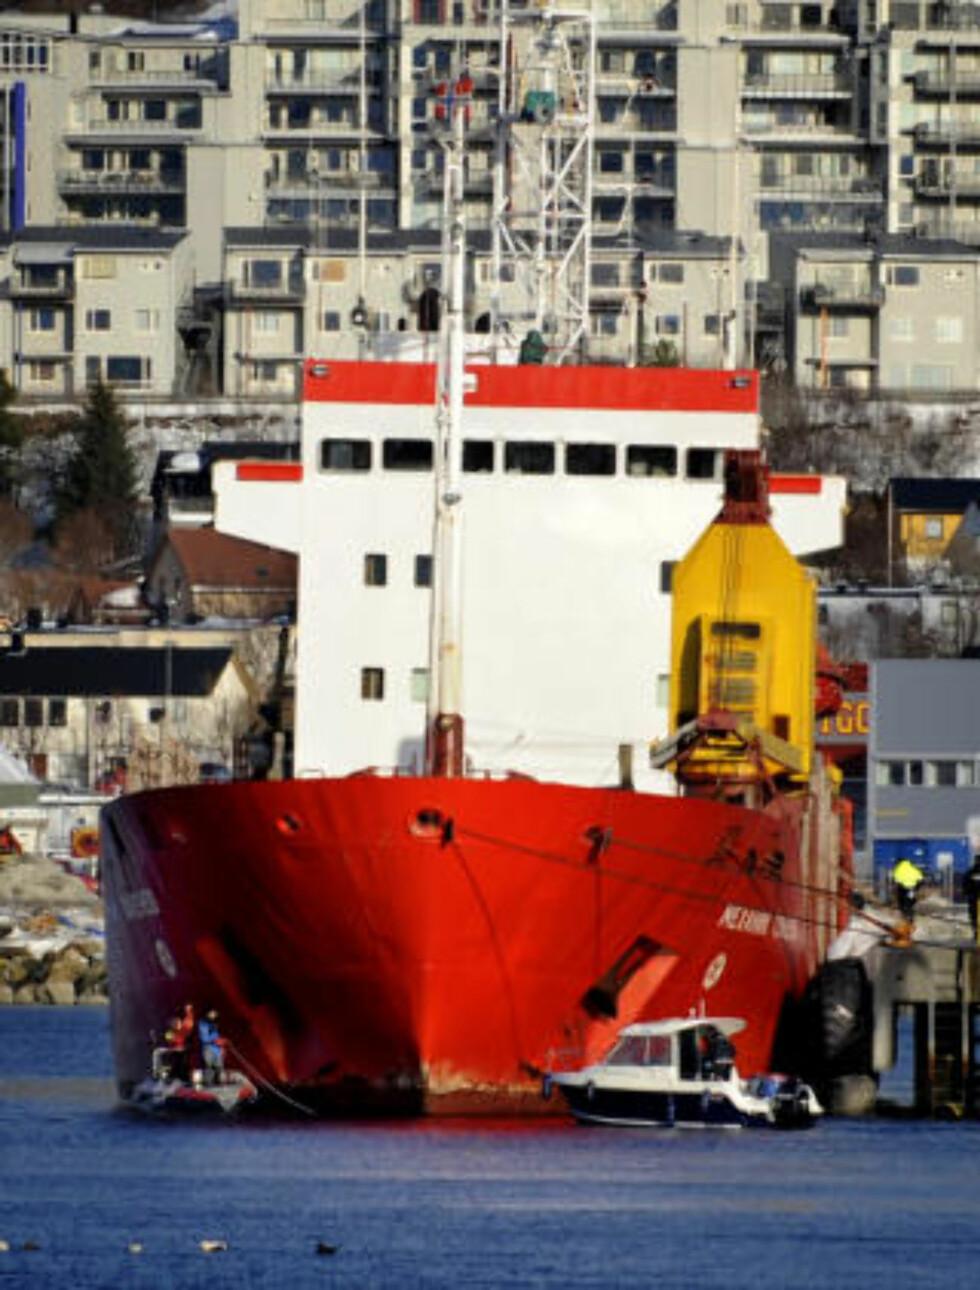 I BODØ: Lasteskipet ligger i arrest.  Foto: Erik Veigård / Scanpix